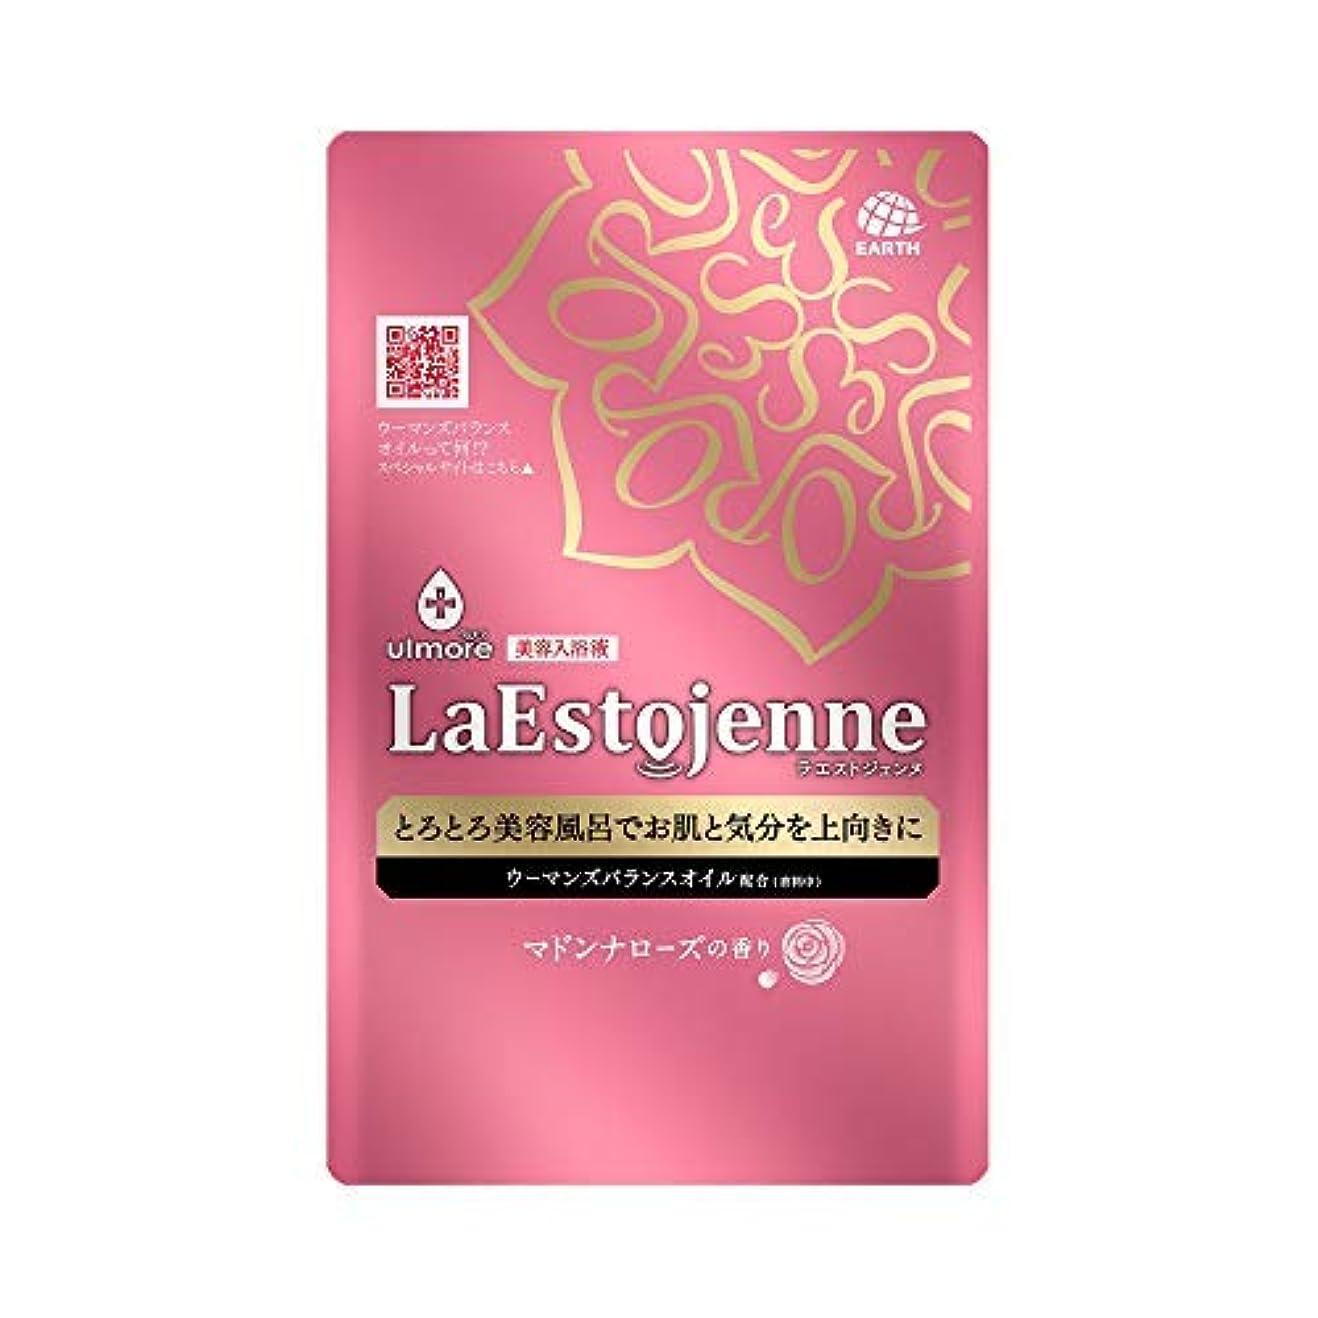 大学振る舞う不適切なウルモア ラエストジェンヌ マドンナローズの香り 1包 × 4個セット